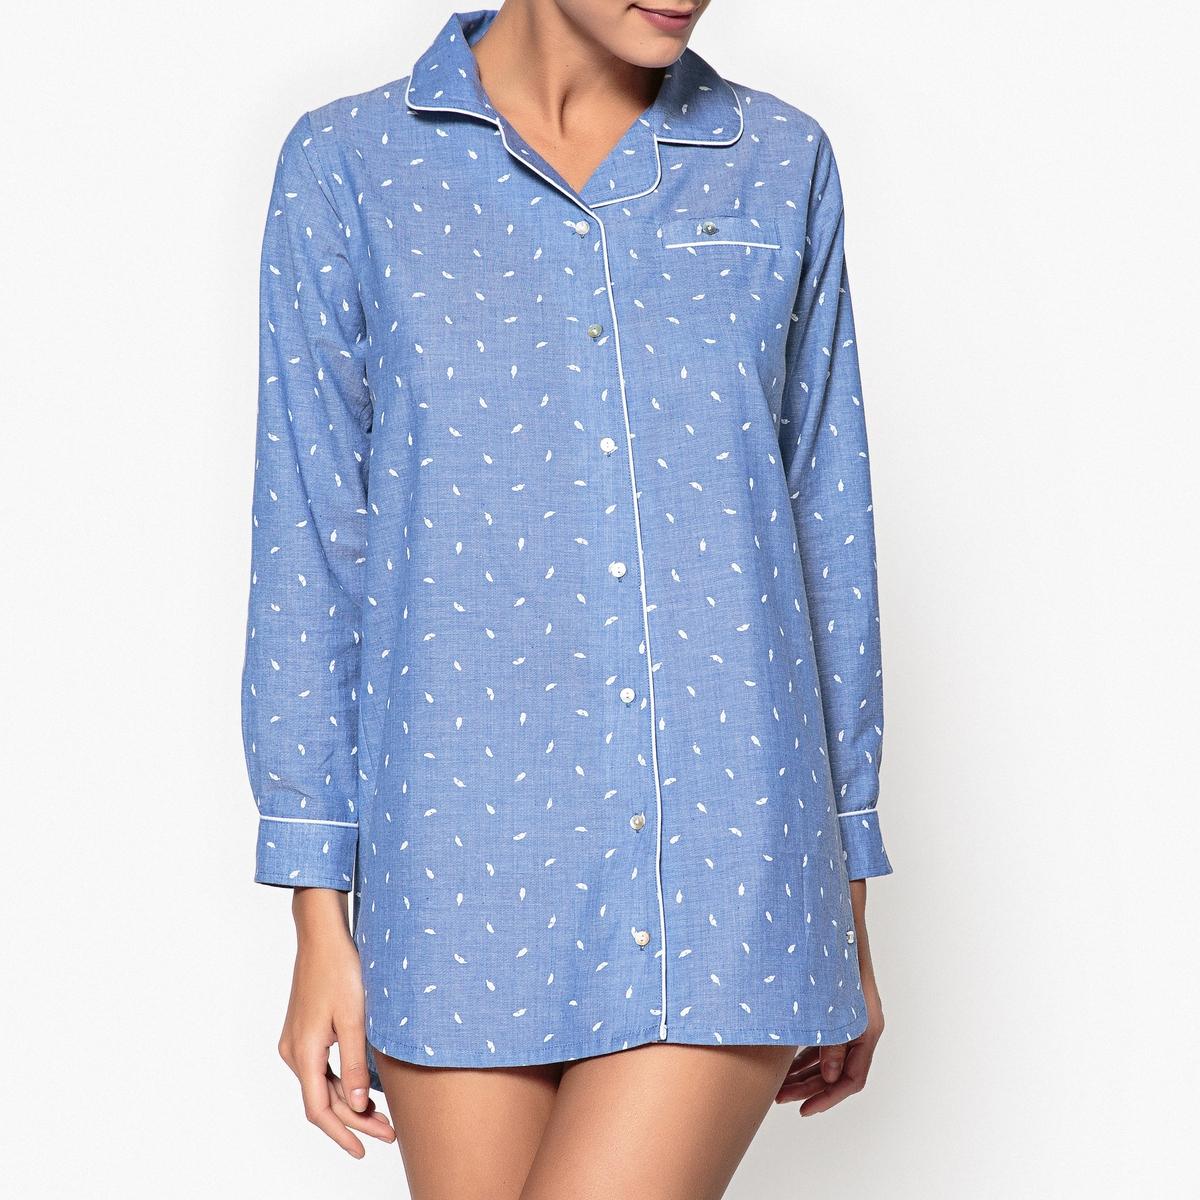 Сорочка ночная с рисунком перья из хлопка, Classic Mood ночные сорочки linse ночная сорочка